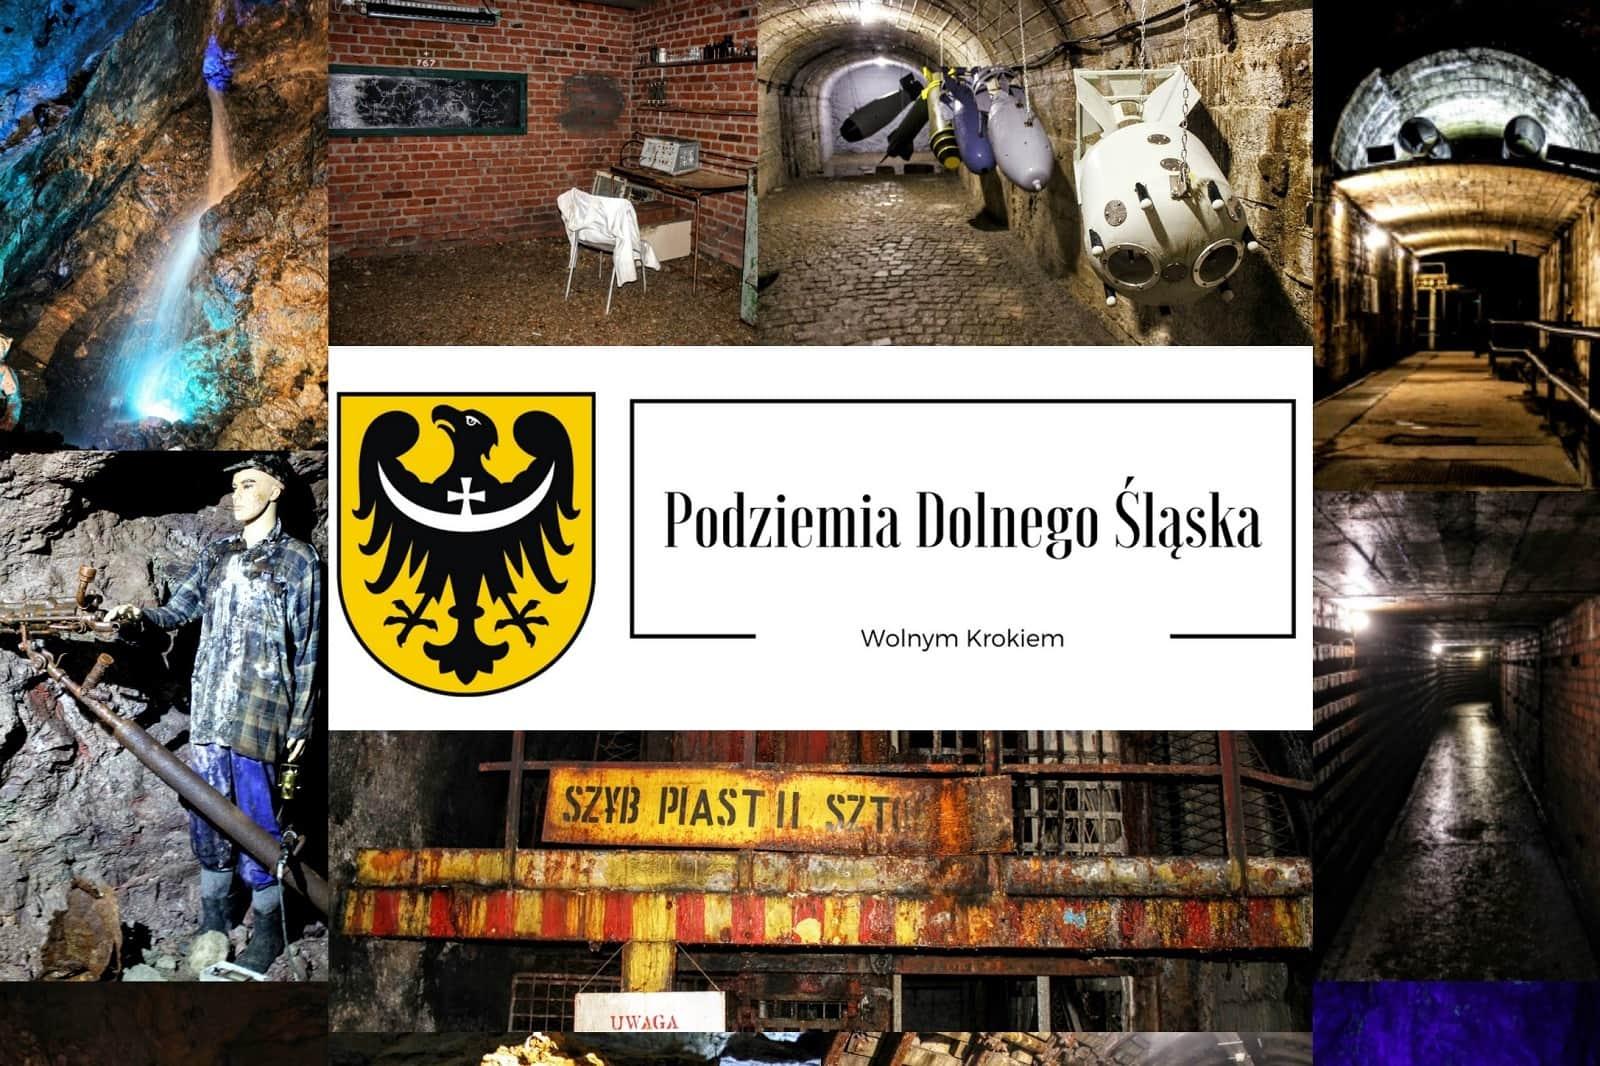 Podziemne Atrakcje Dolnego Śląska